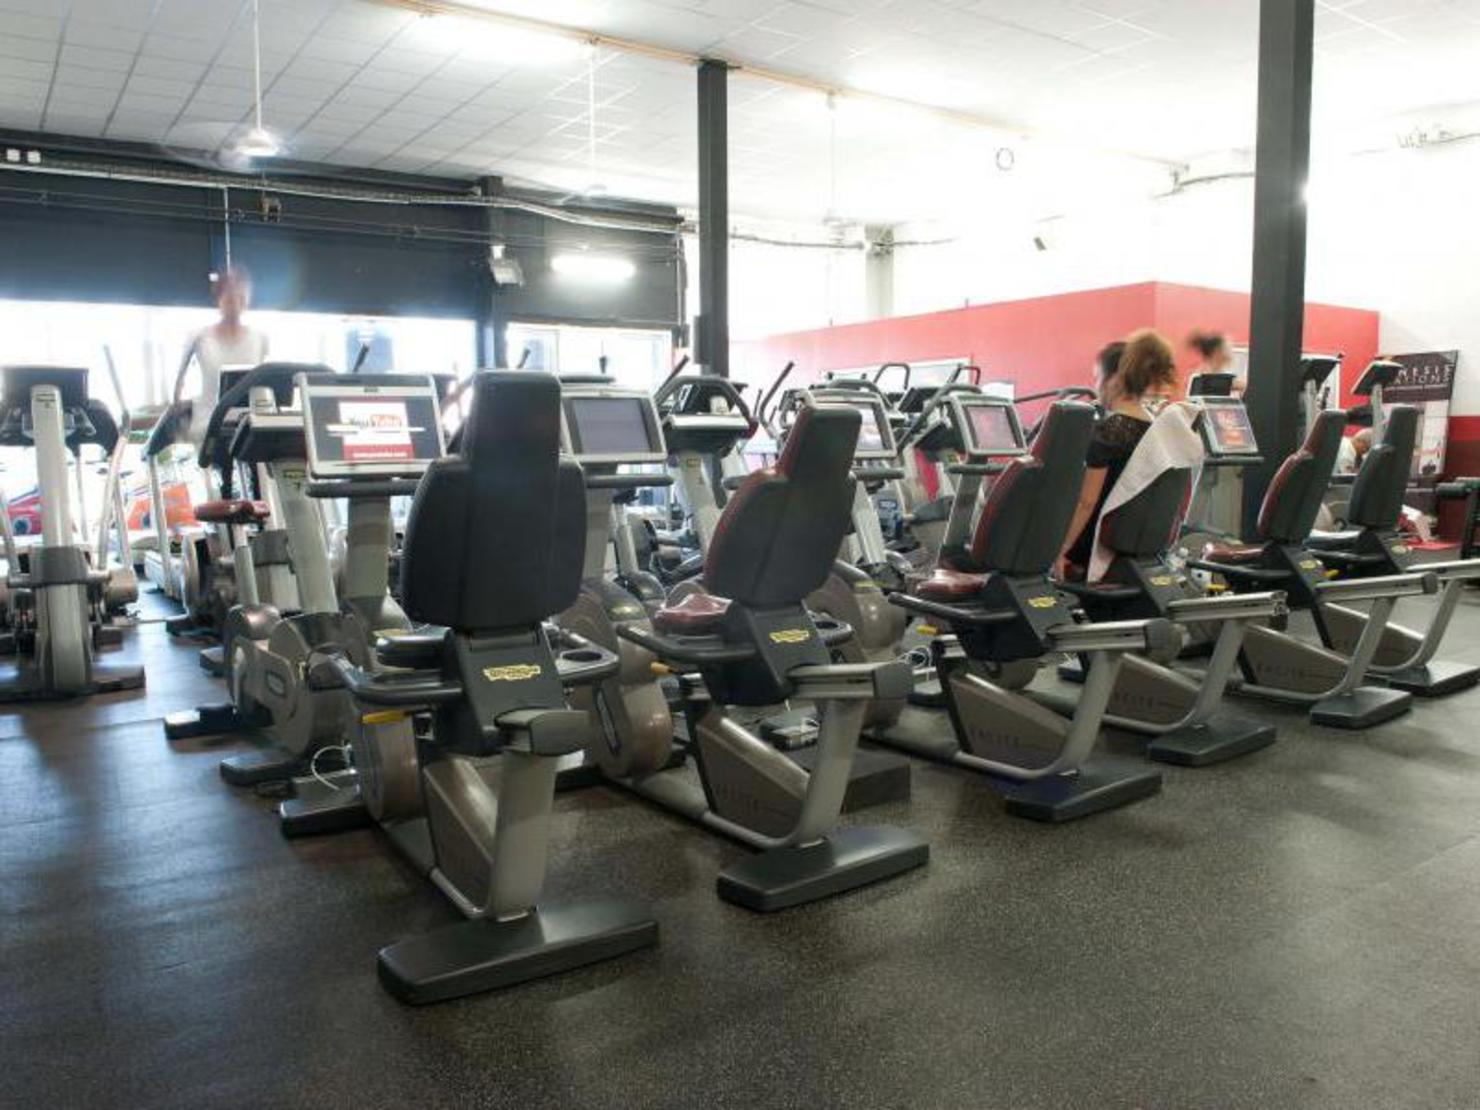 salle de sport gonesse 28 images salle de sport qgf lyon plateau musculation les activit. Black Bedroom Furniture Sets. Home Design Ideas